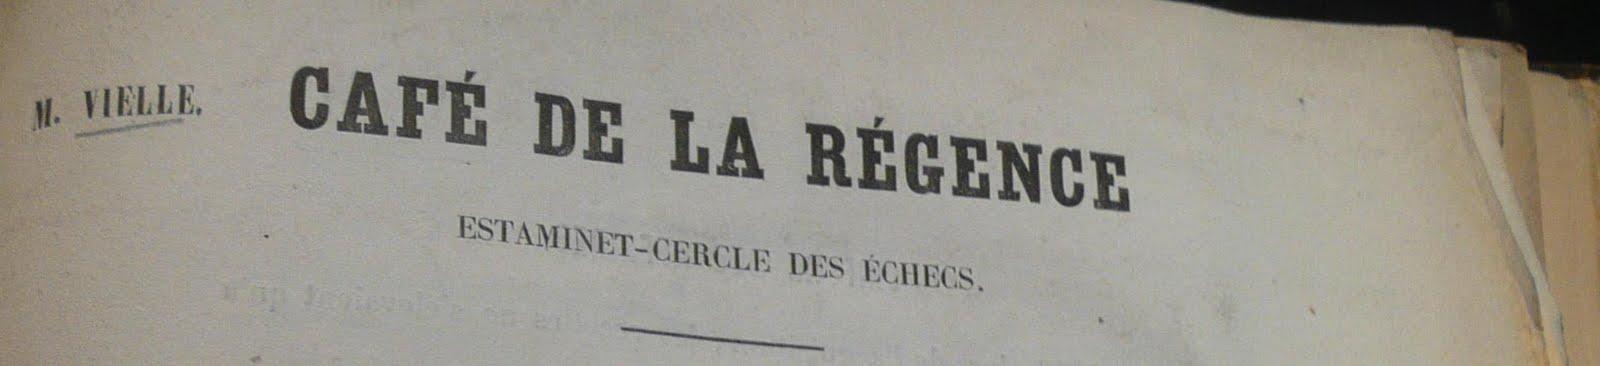 Le Café de la Régence